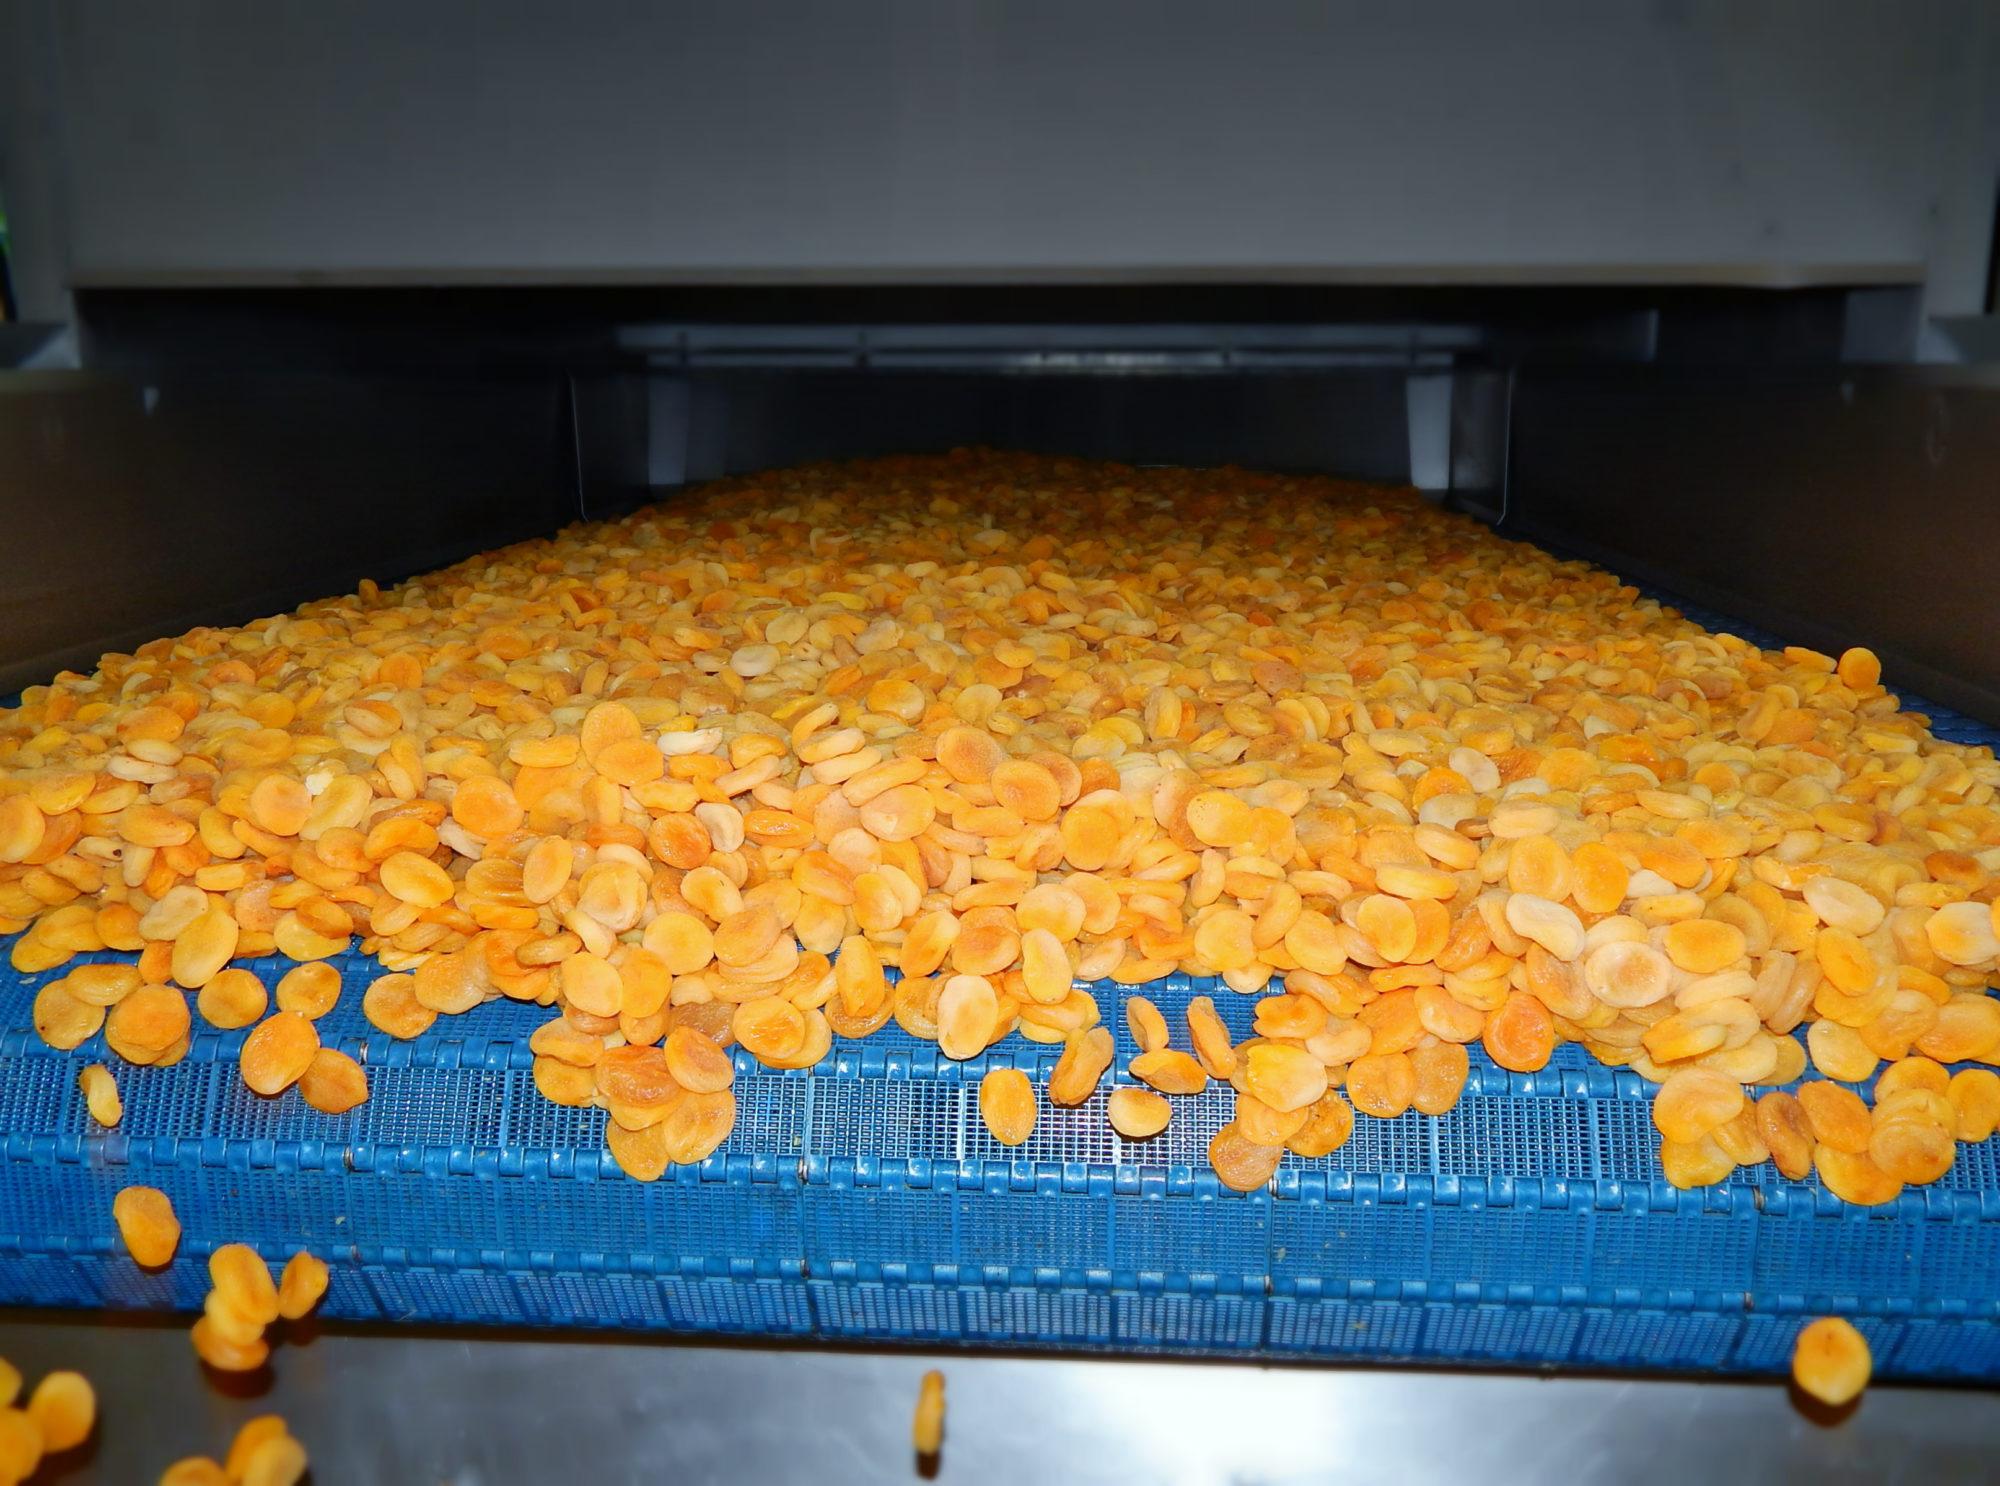 Fin de réhydratation des abricots